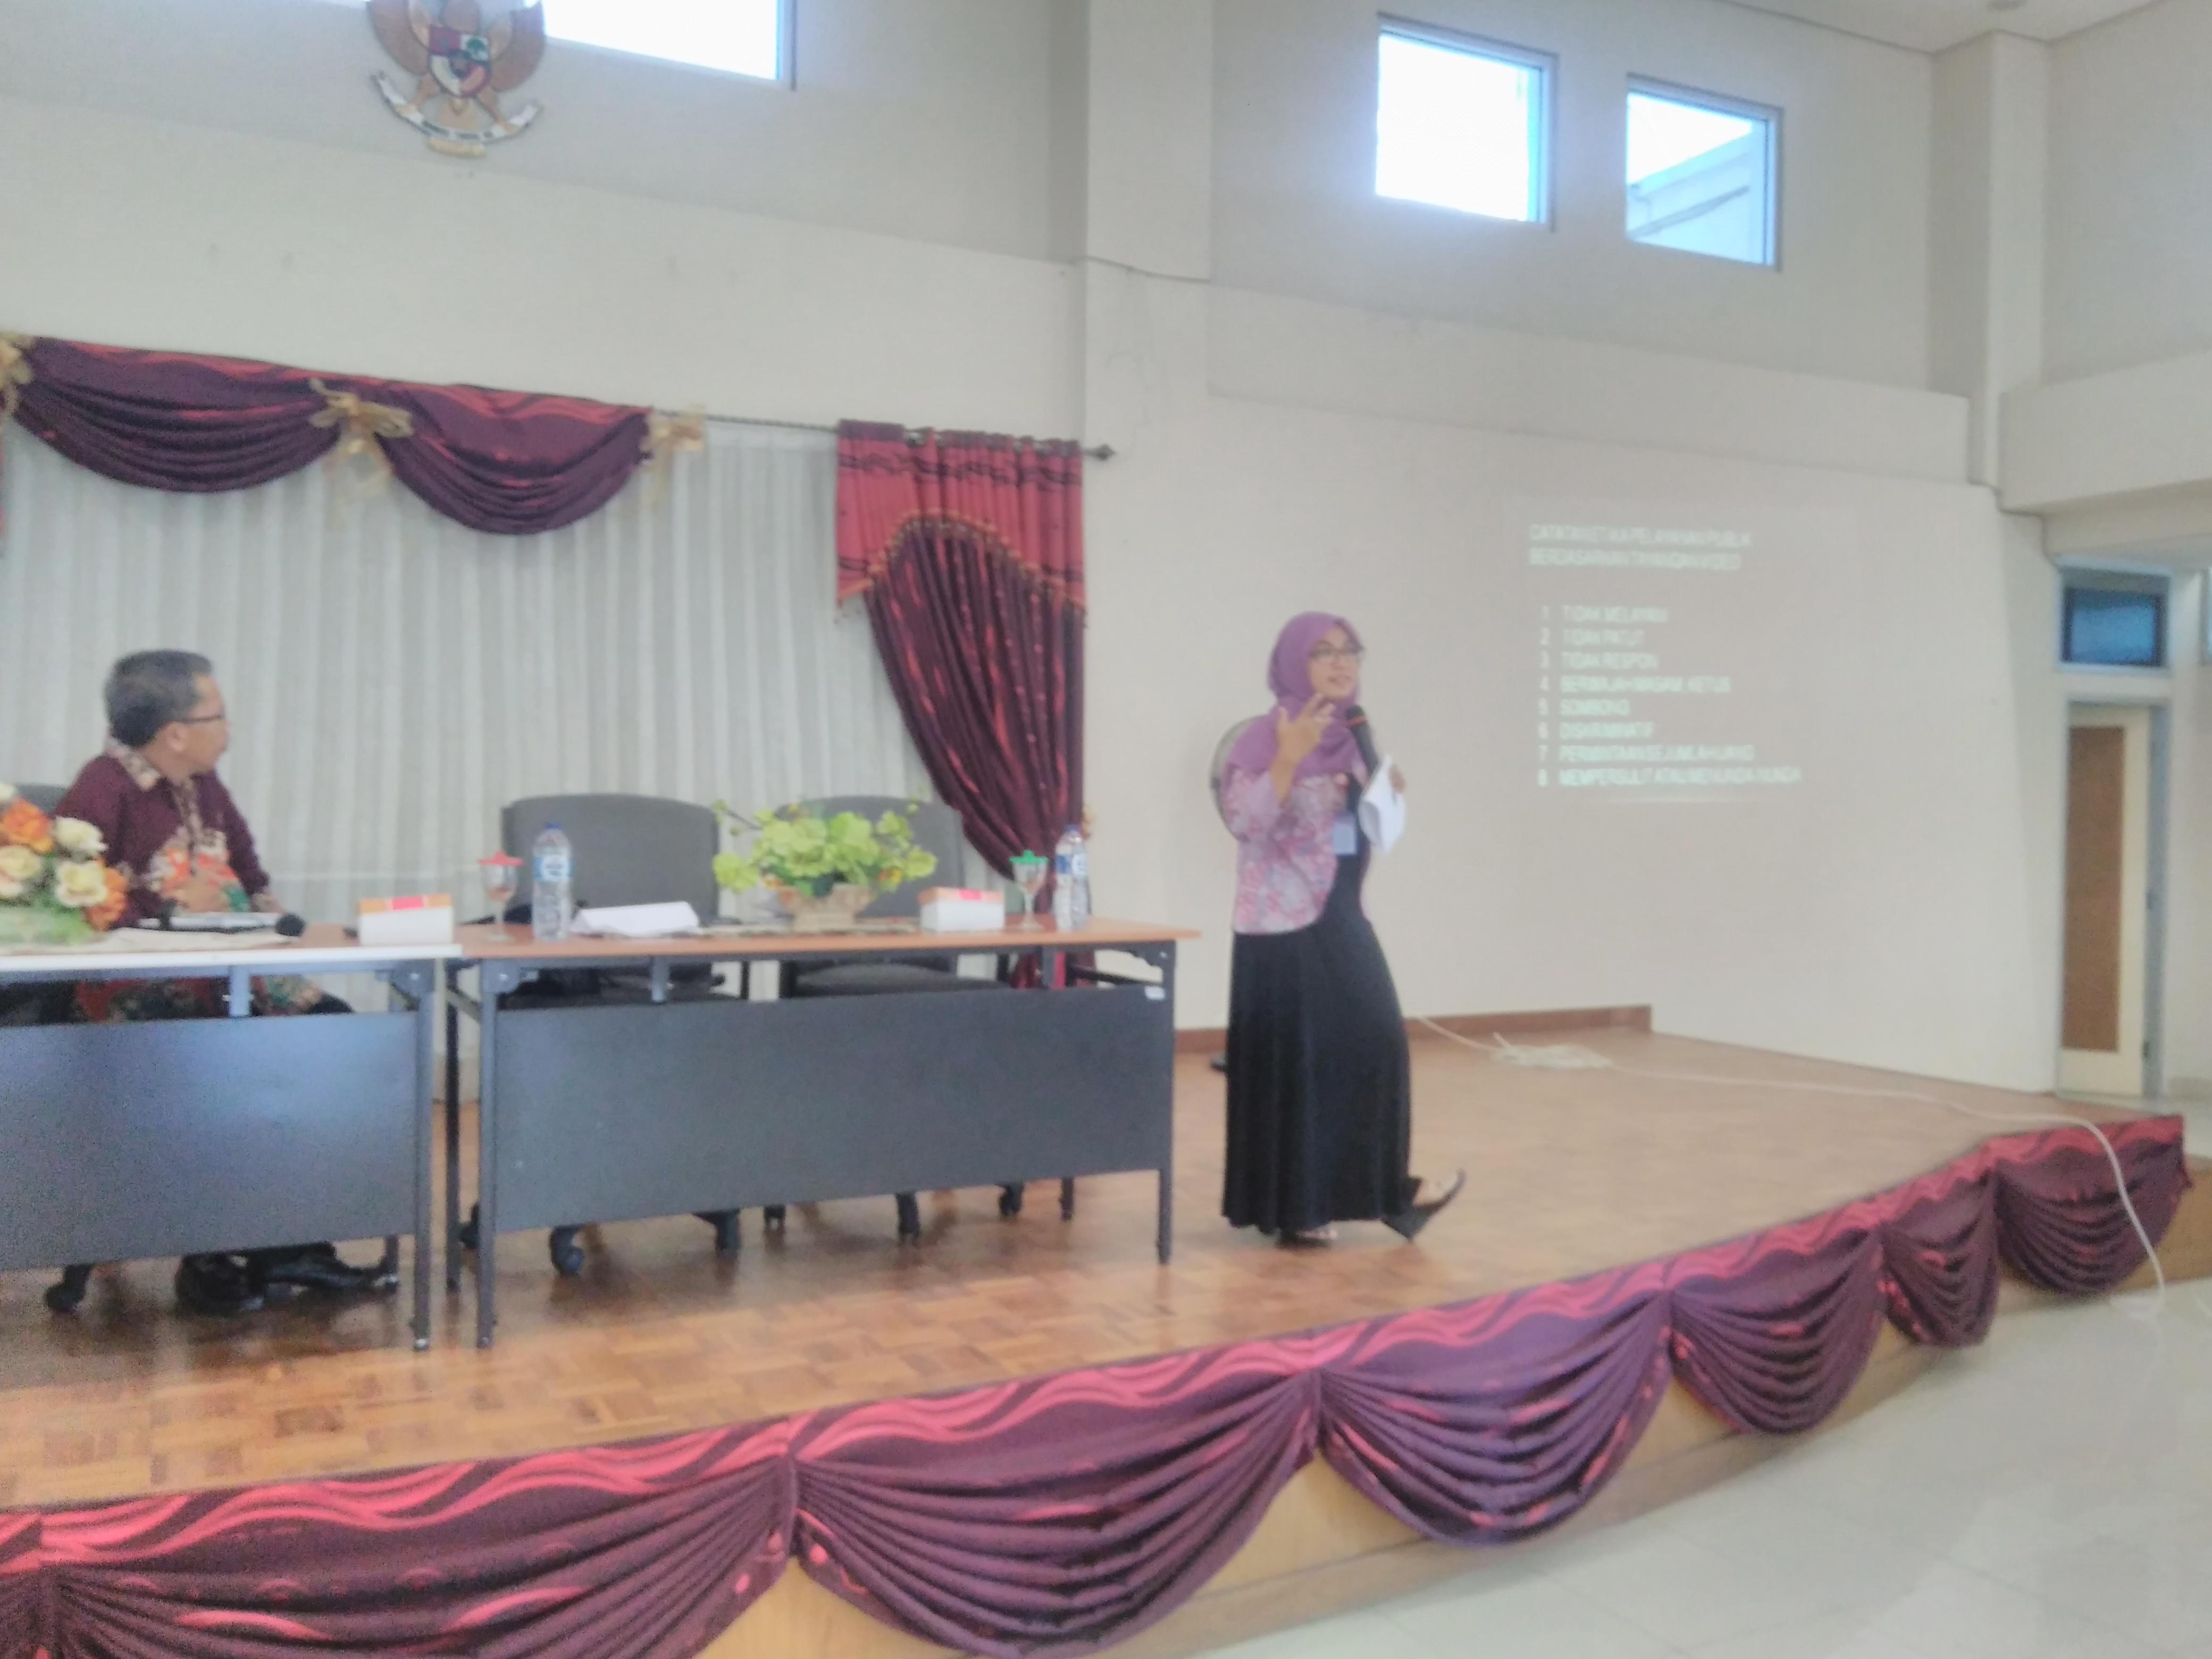 Pembekalan Pelayanan Publik di Badan Perpustakaan dan Kearsipan Provinsi Sumatera Barat.